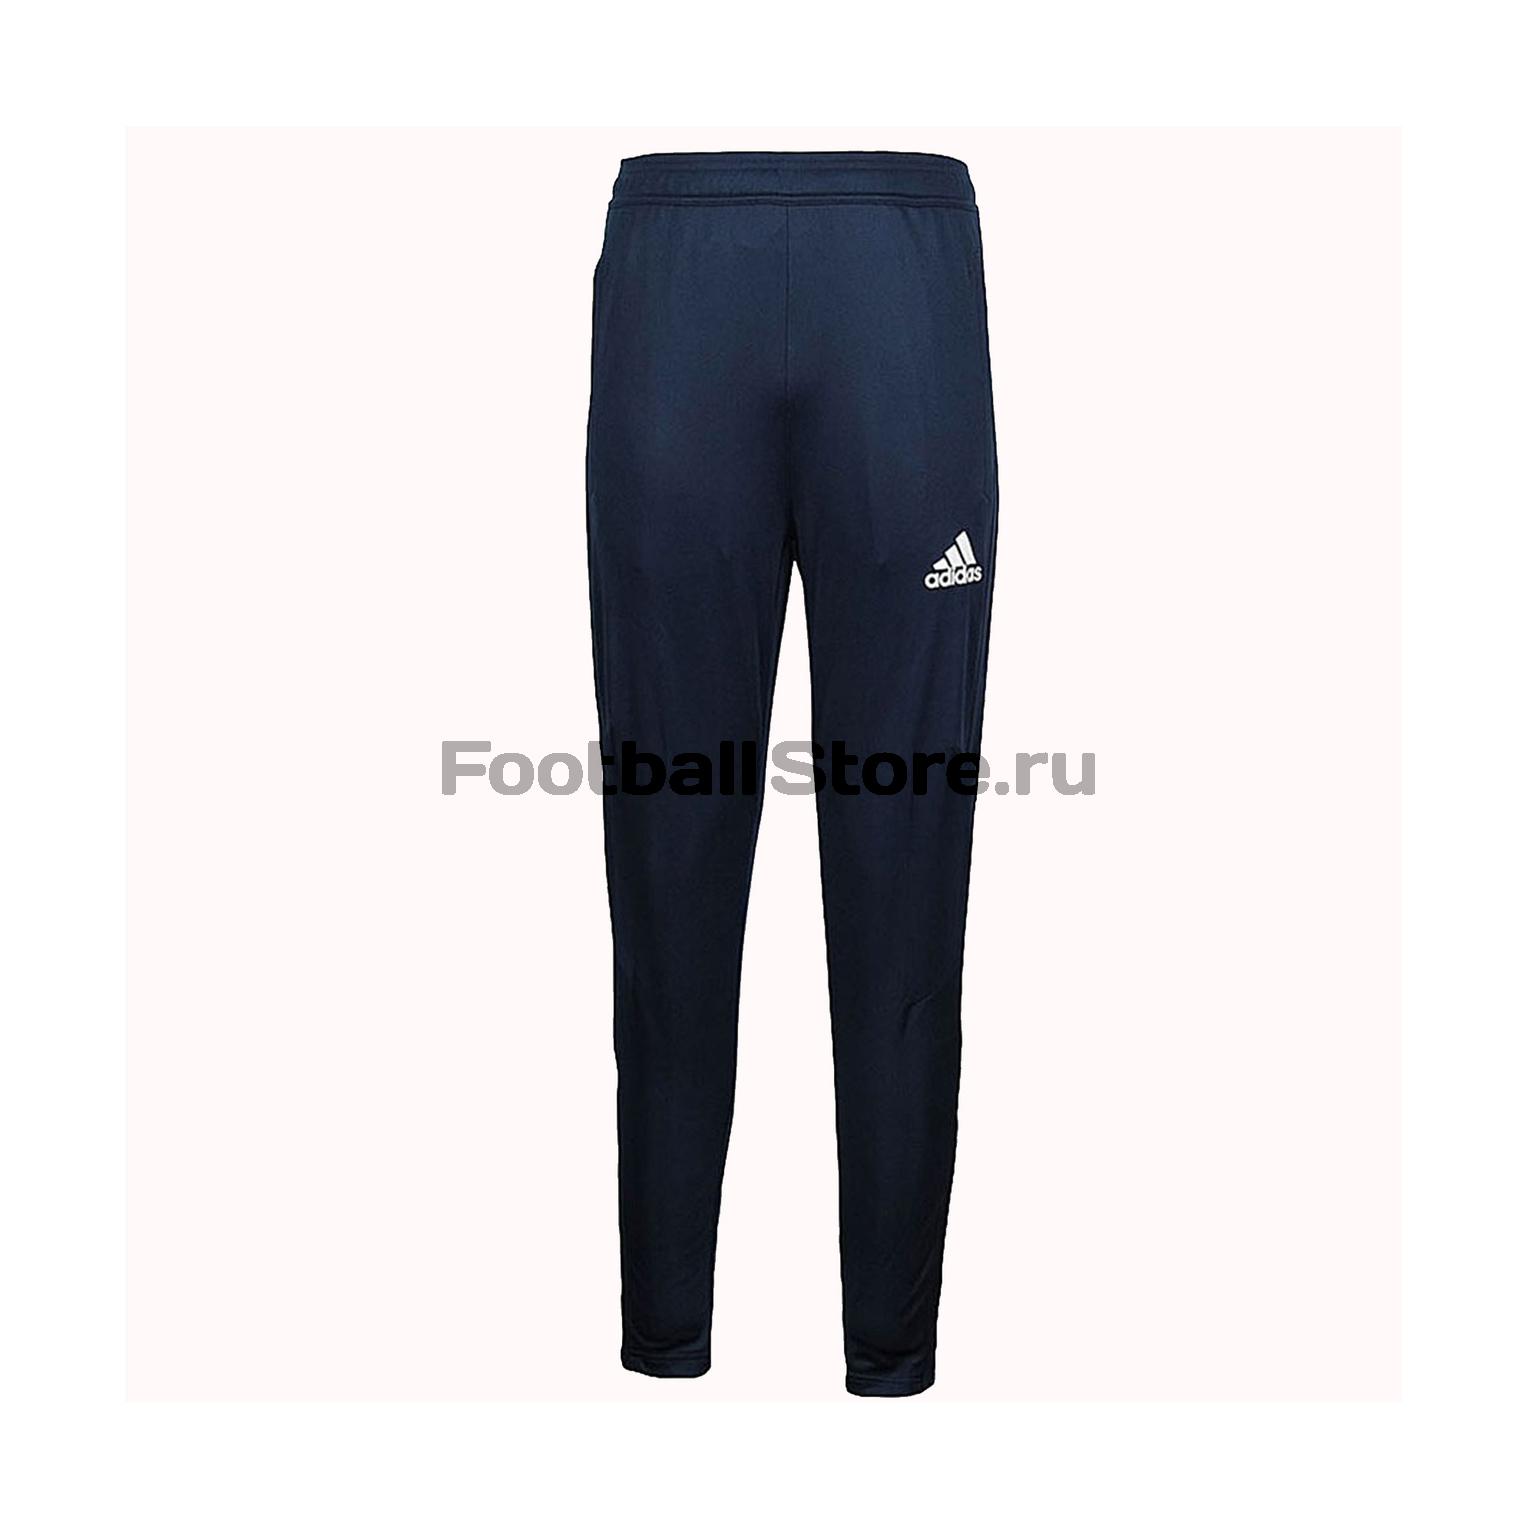 Брюки тренировочные Adidas Tiro17 BP9704 брюки тренировочные adidas tiro17 swt pnt bq2678